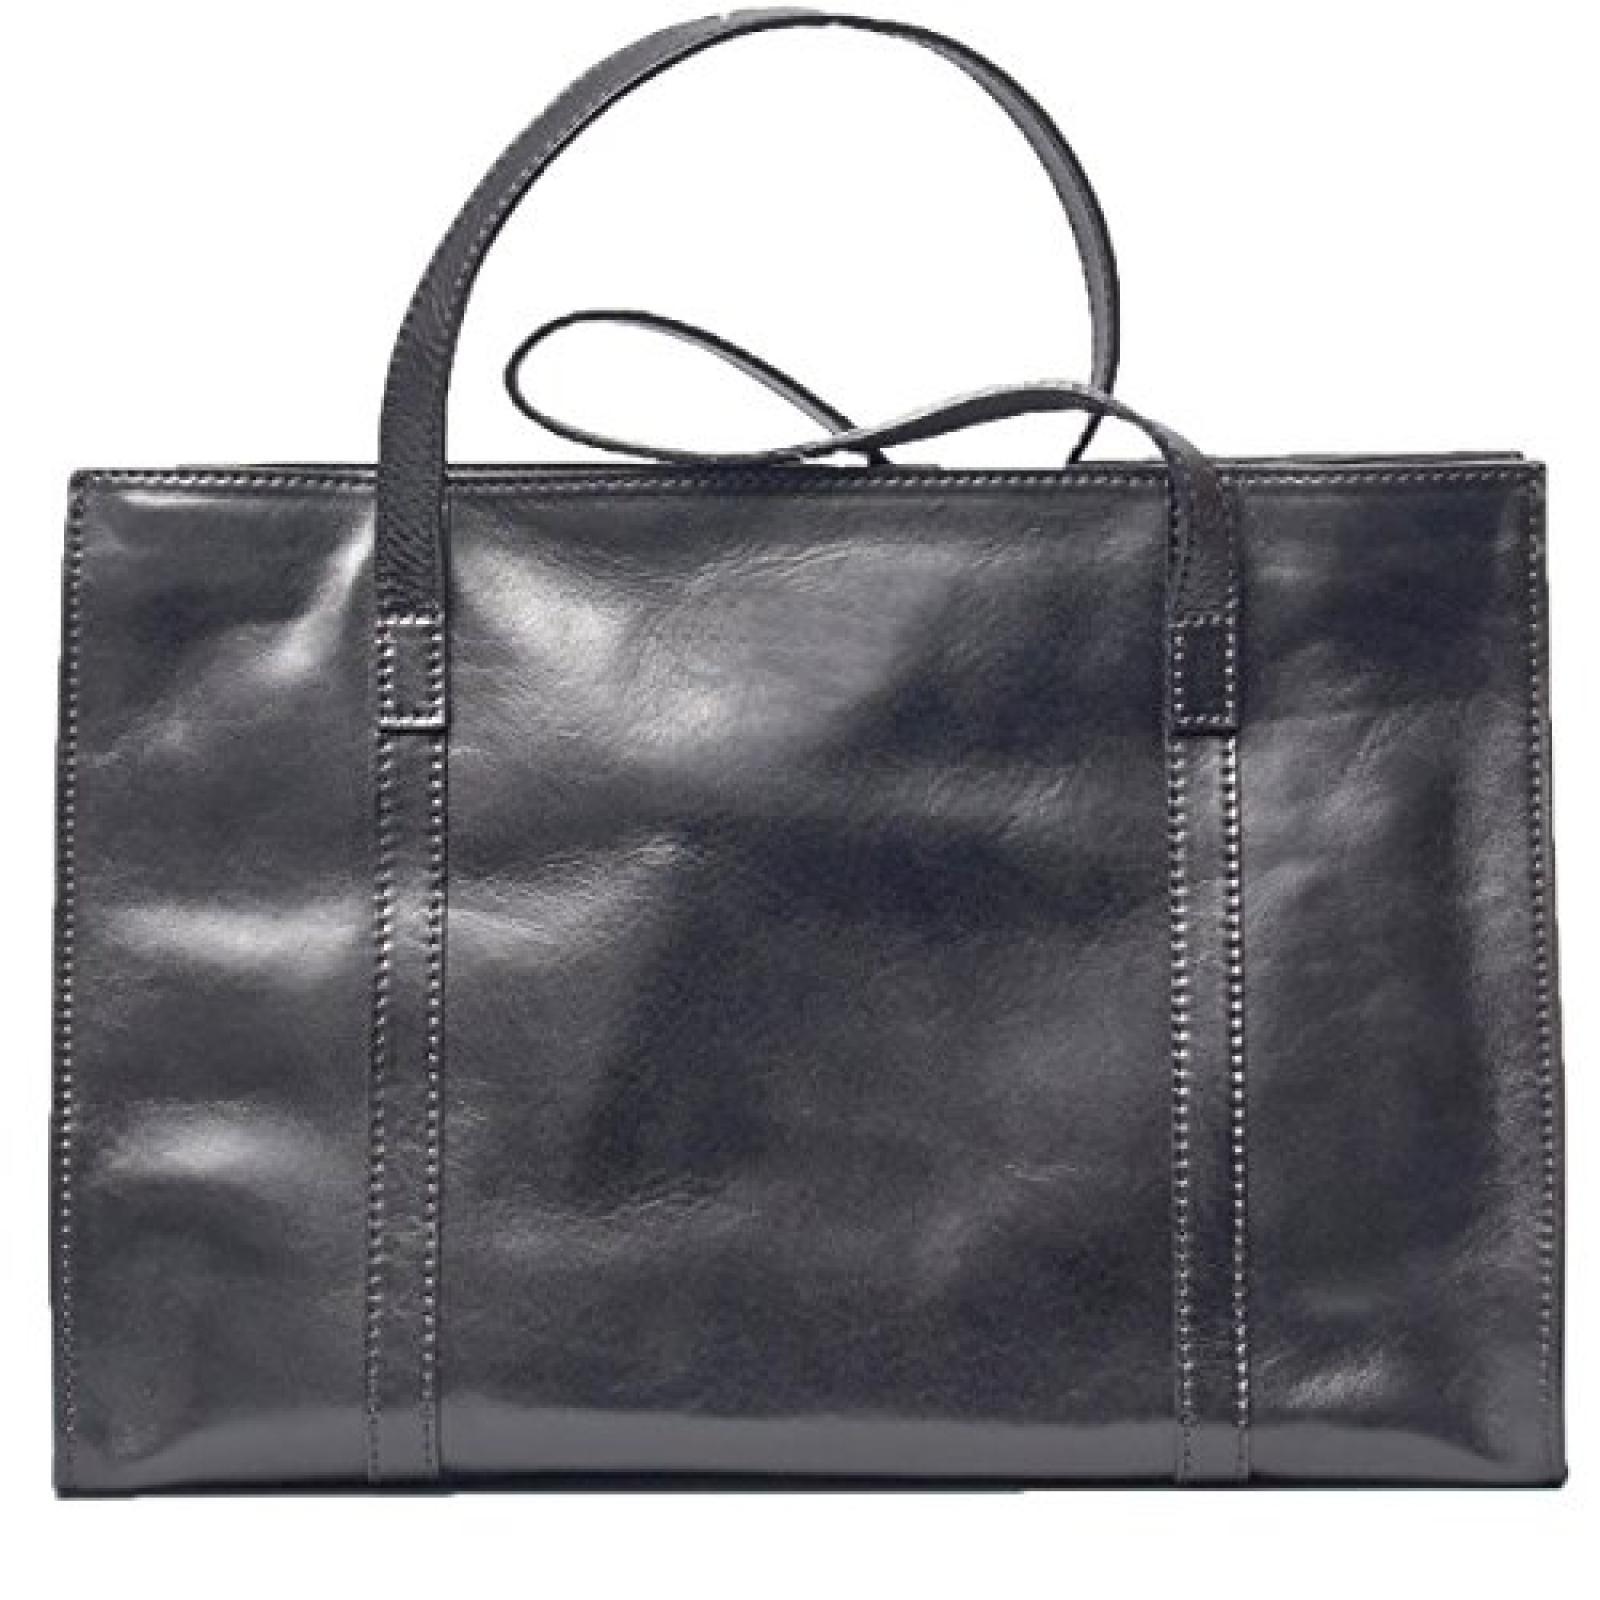 Maxwell Scott Bags ® Luxus Damen Businesstasche aus Leder in Schwarz (Rivara)